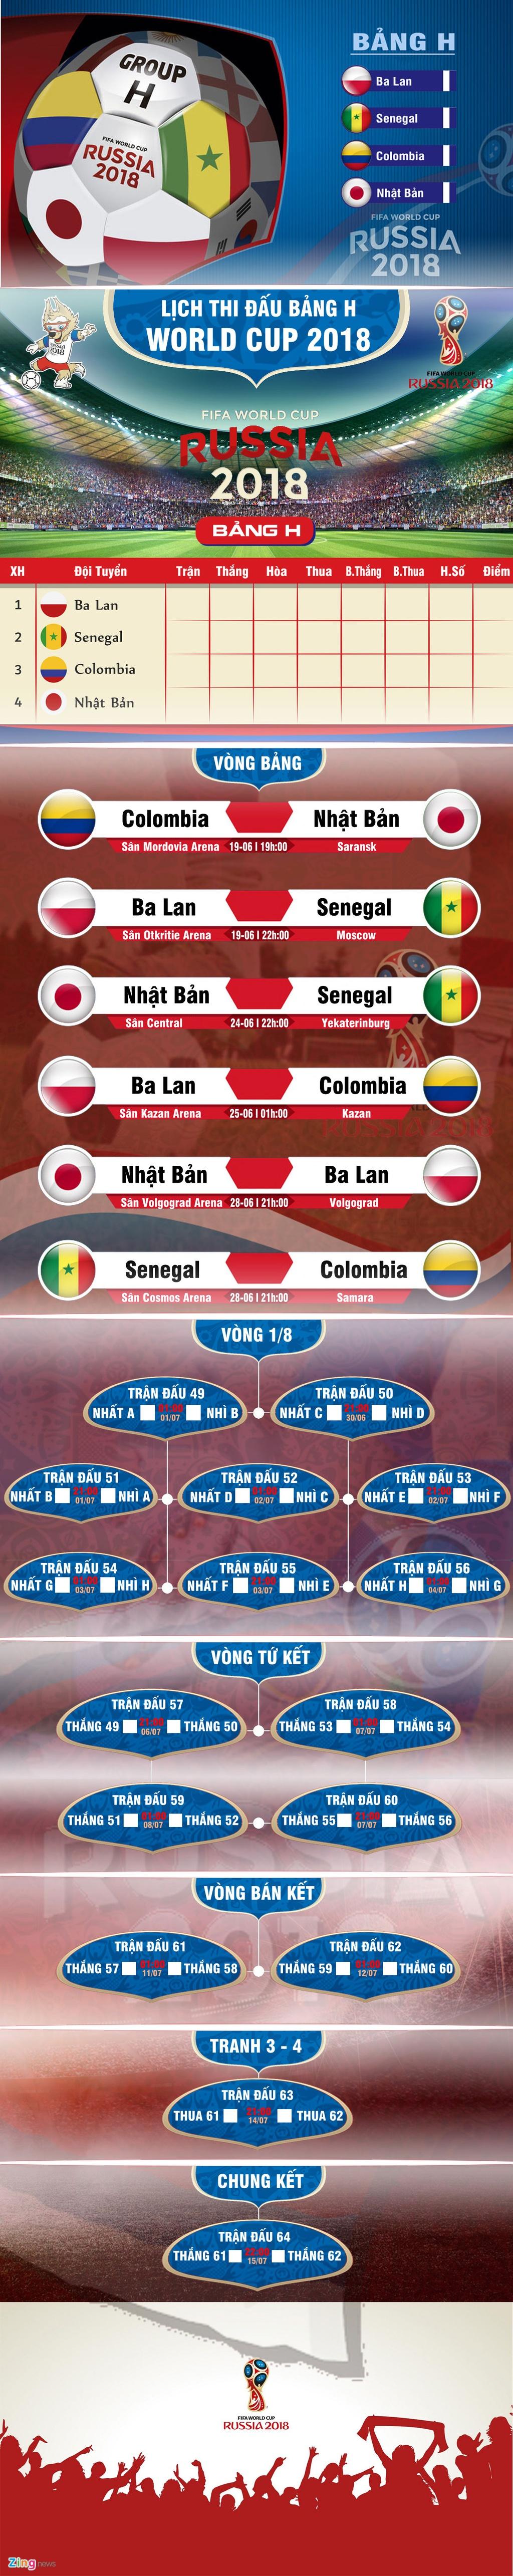 Lich thi dau bang H o World Cup 2018: Kho du doan cuc dien hinh anh 1